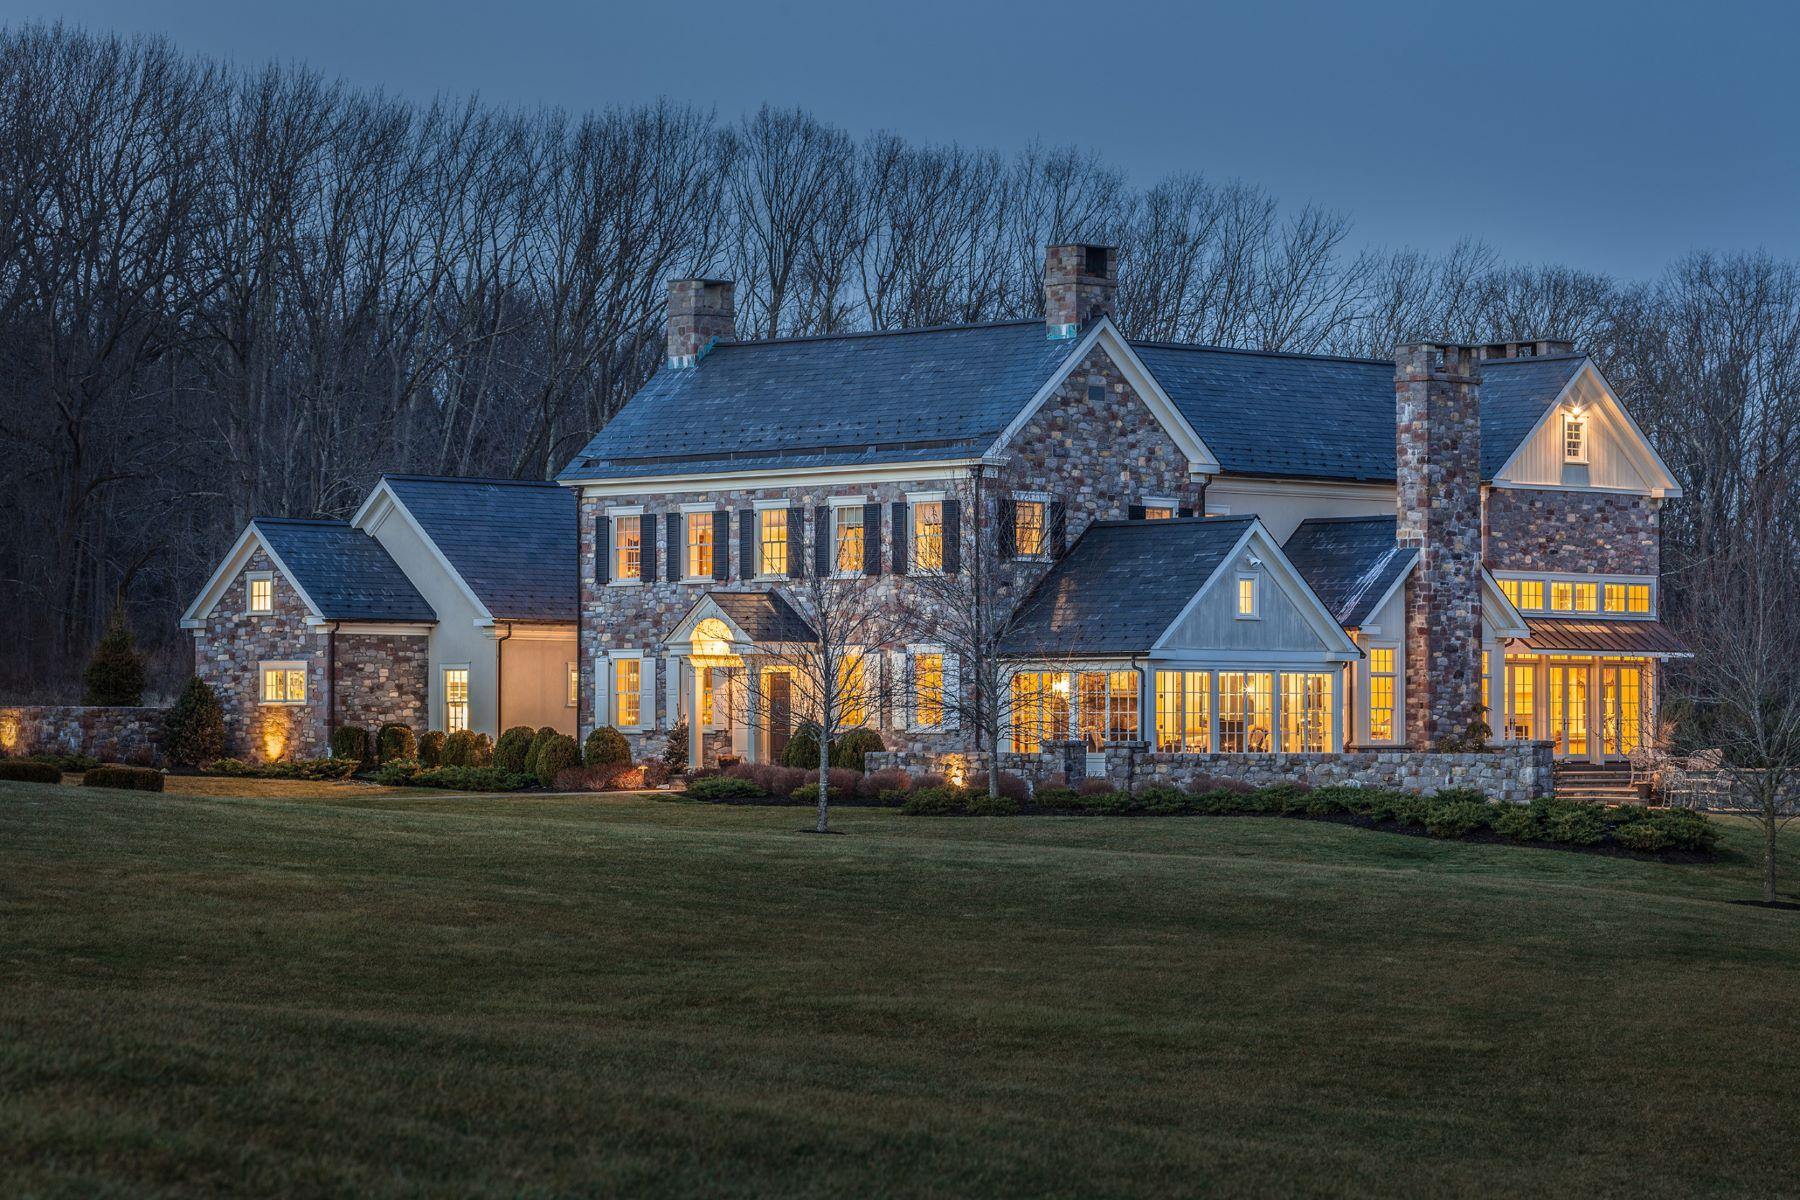 独户住宅 为 销售 在 Bucks County Perfection 5811 RIDGEVIEW DR 多伊尔斯敦, 18902 美国